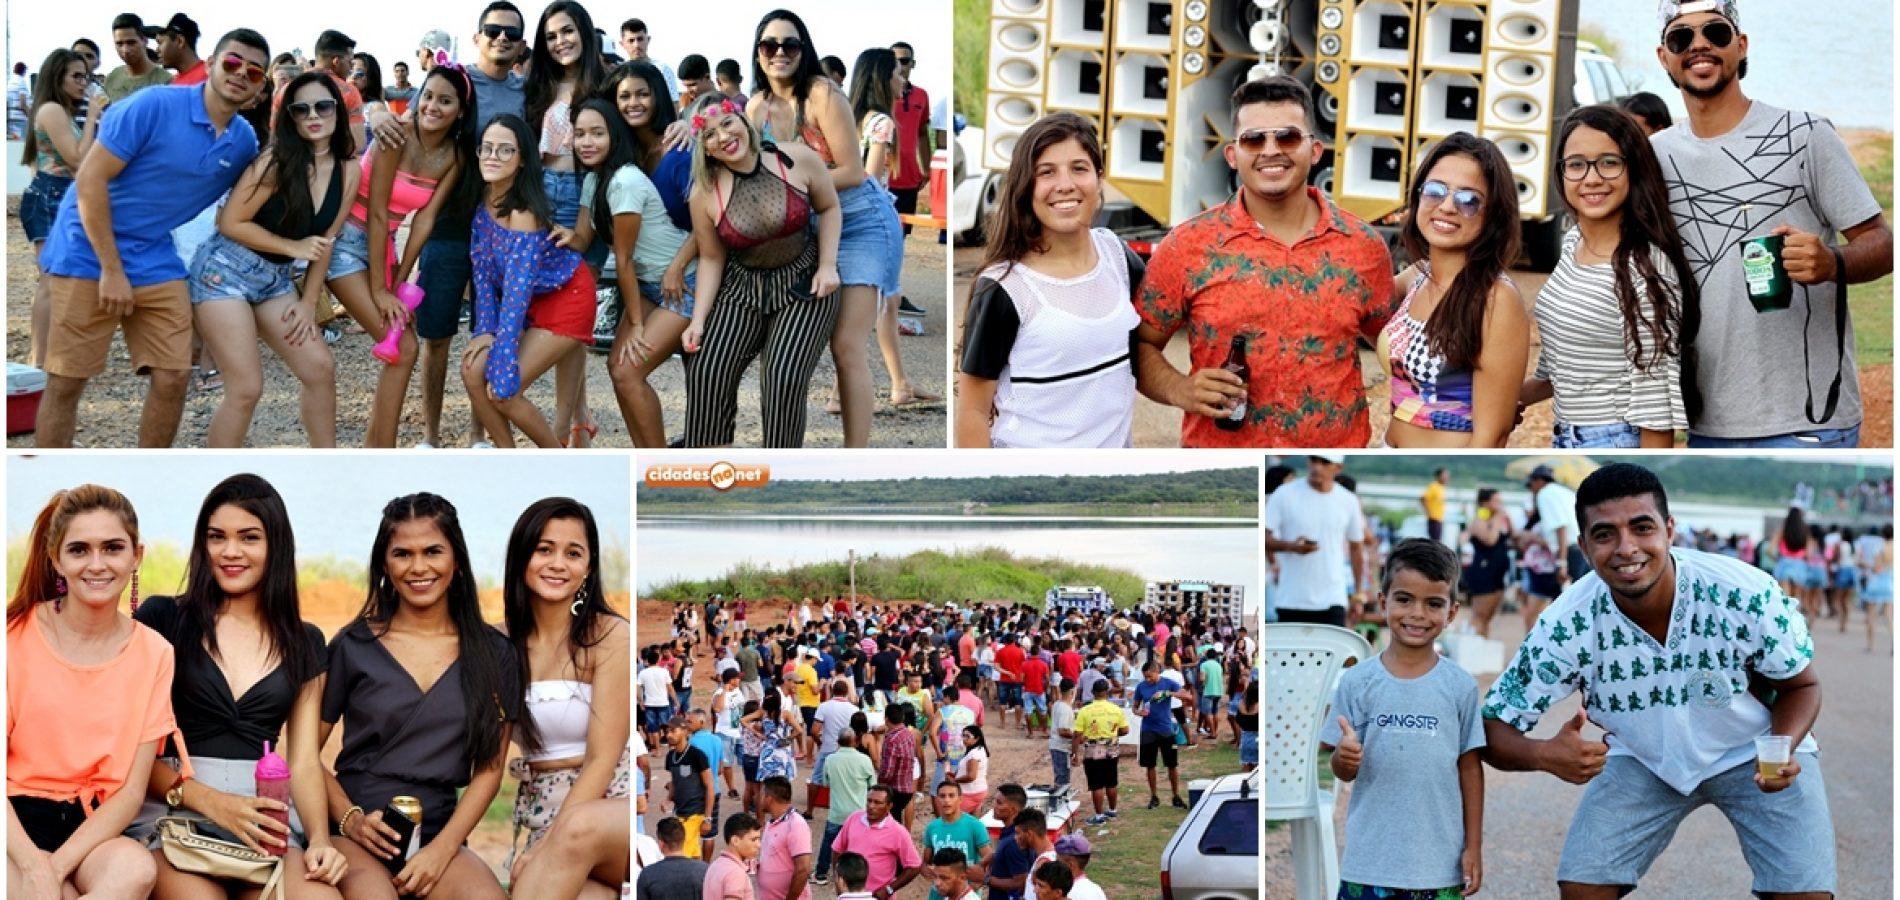 Confira fotos do Encontro dos Blocos na barragem Poço de Marruás em Patos do Piauí